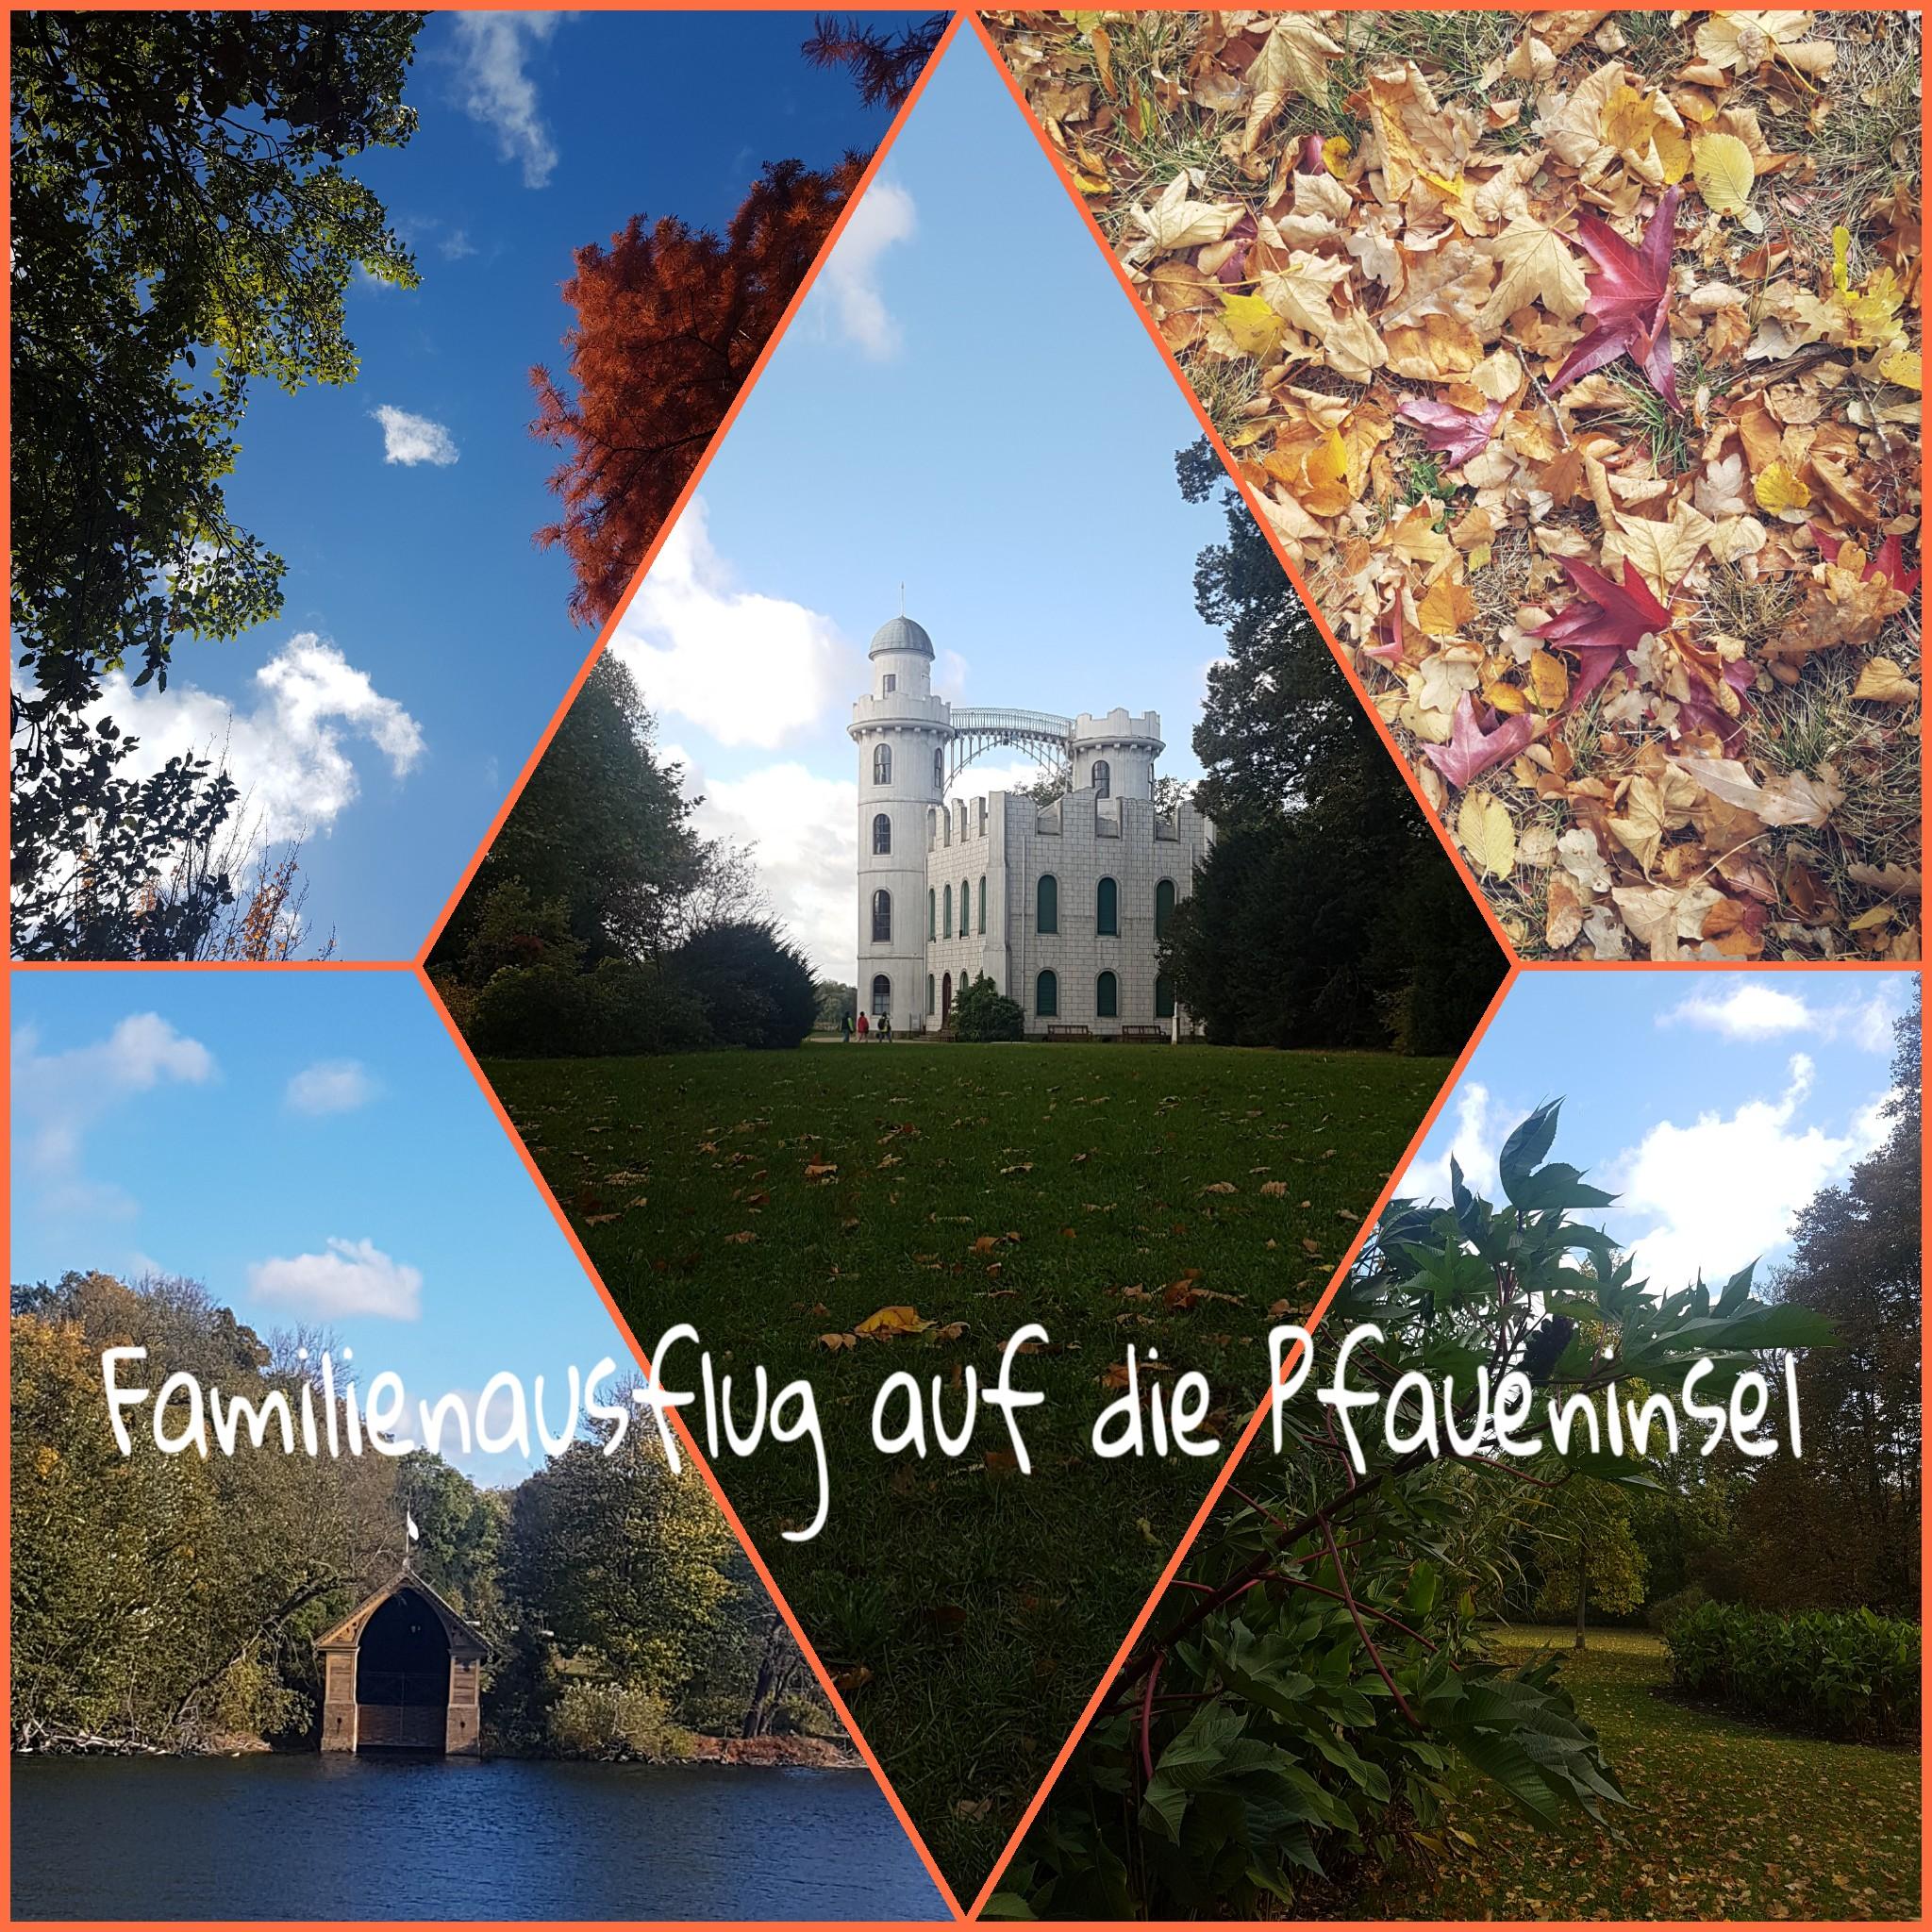 Pfaueninsel, Wannsee, Berlin, Havel, Düppeler Forst, Deutschland, reisen mit Kindern, Ausflugstip, Ausflug mit Kindern, Pfau